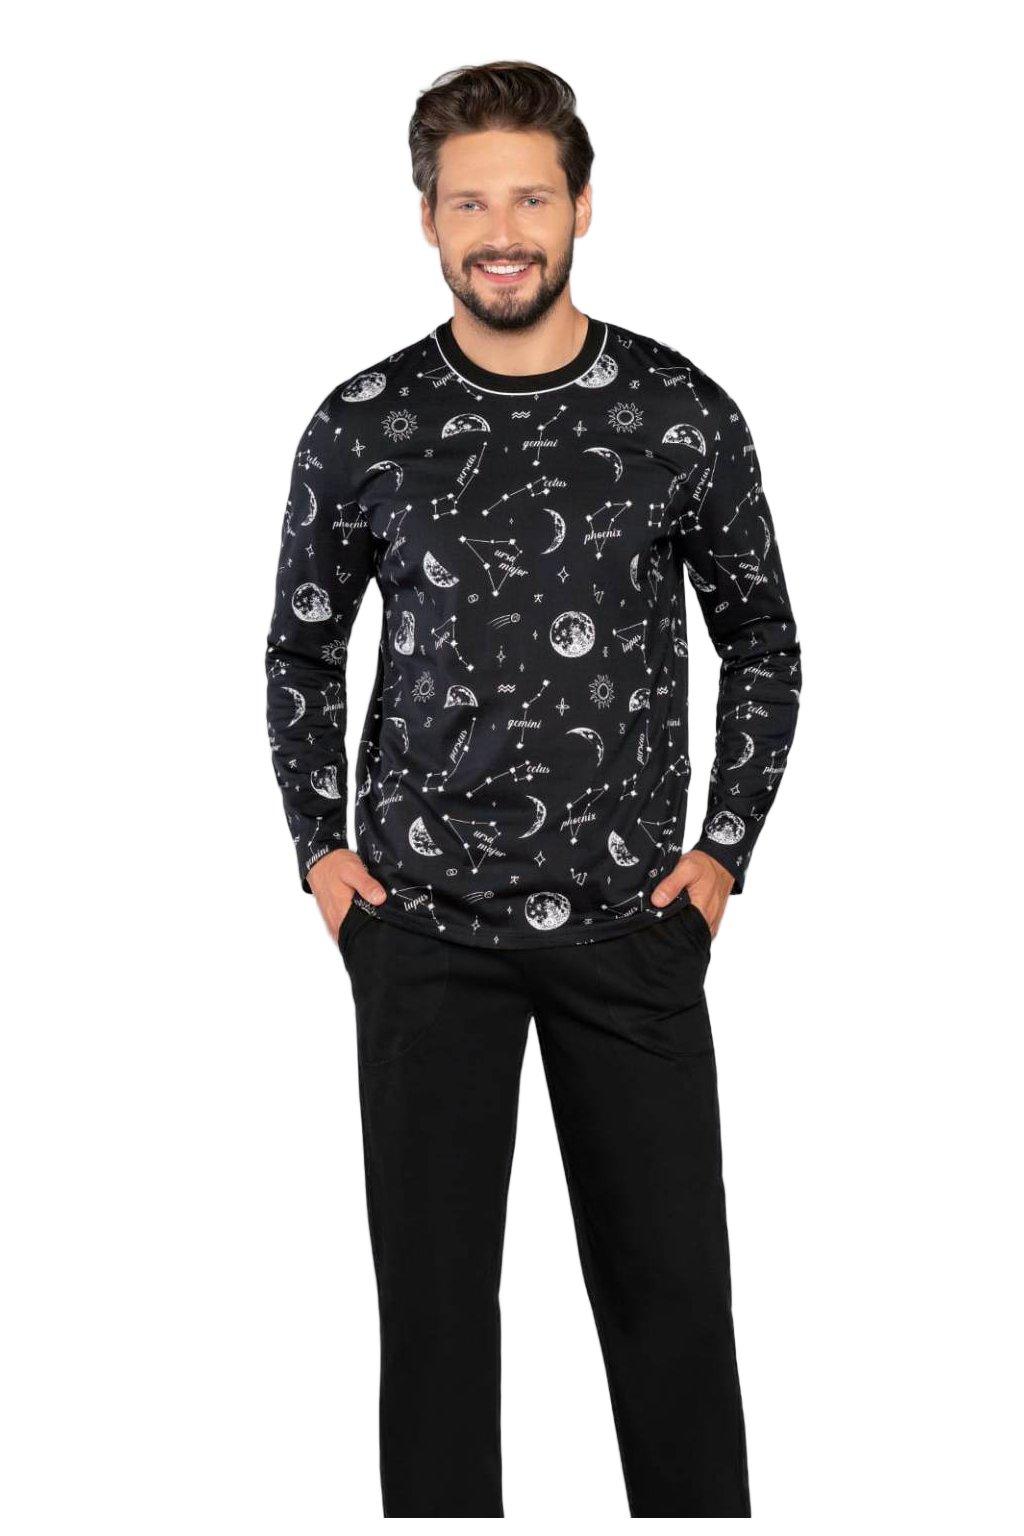 Pánské bavlněné pyžamo Italian Fashion Jupiter.